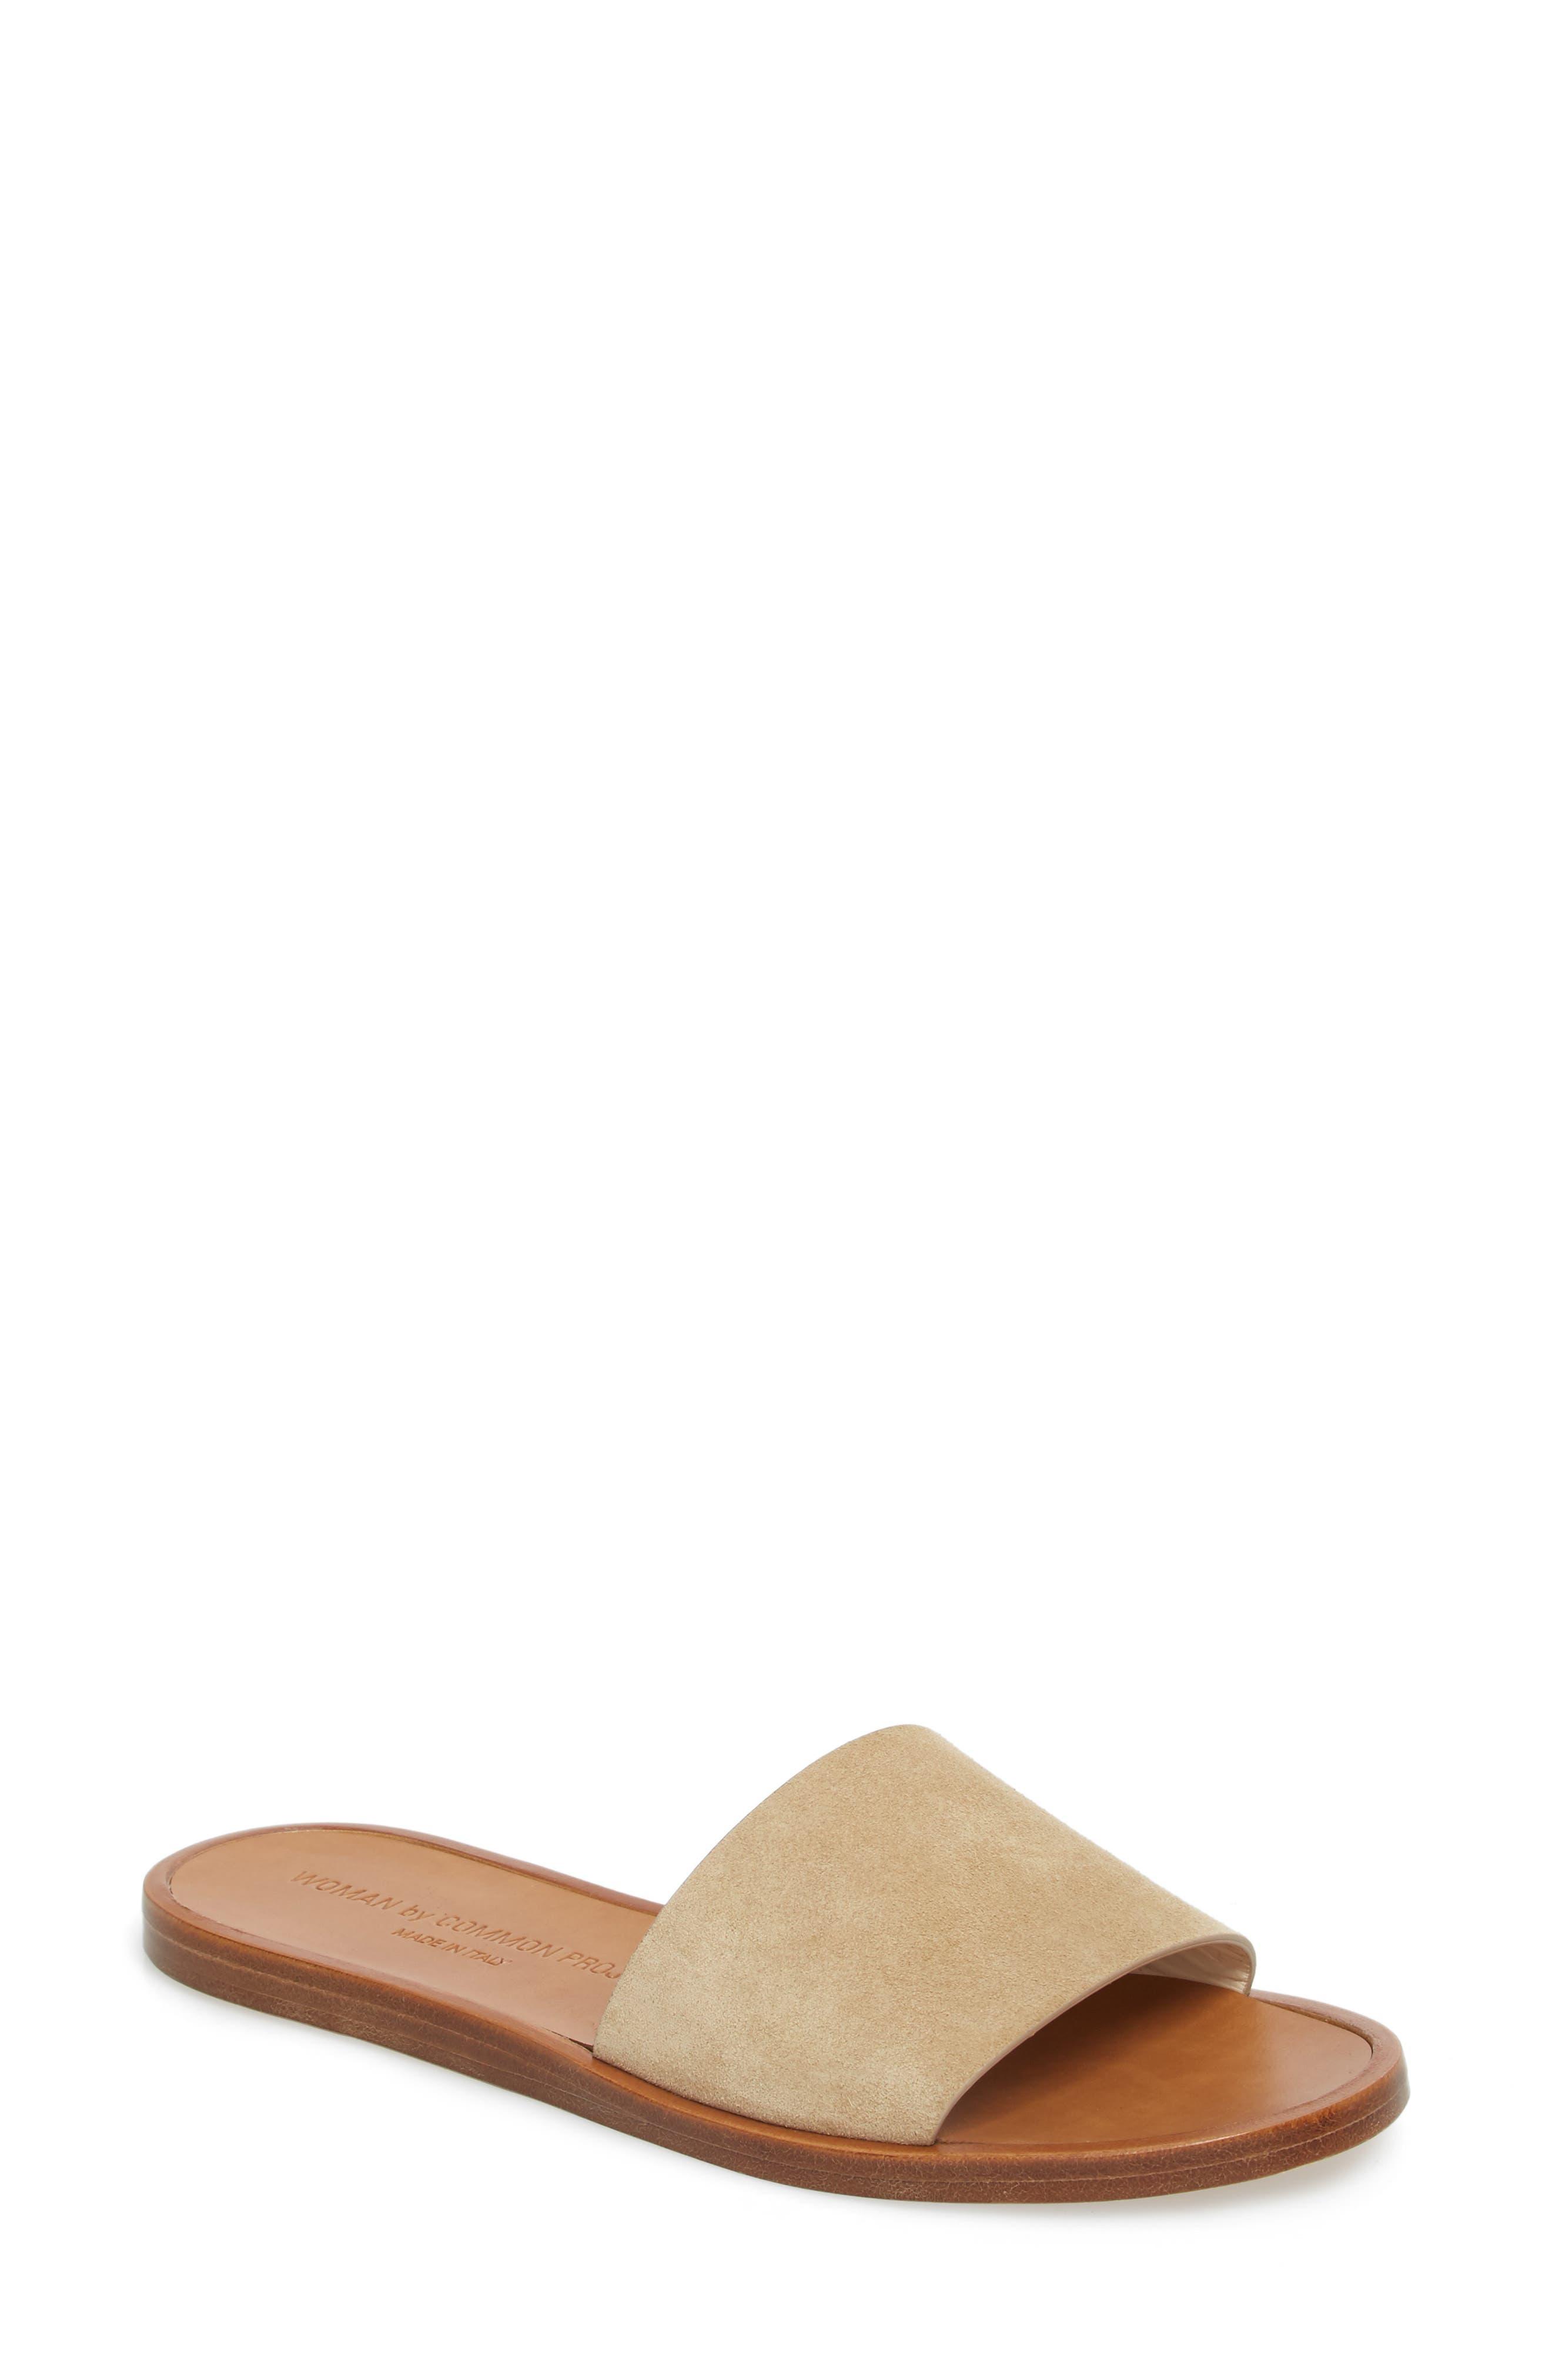 Slide Sandal,                             Main thumbnail 1, color,                             Tan